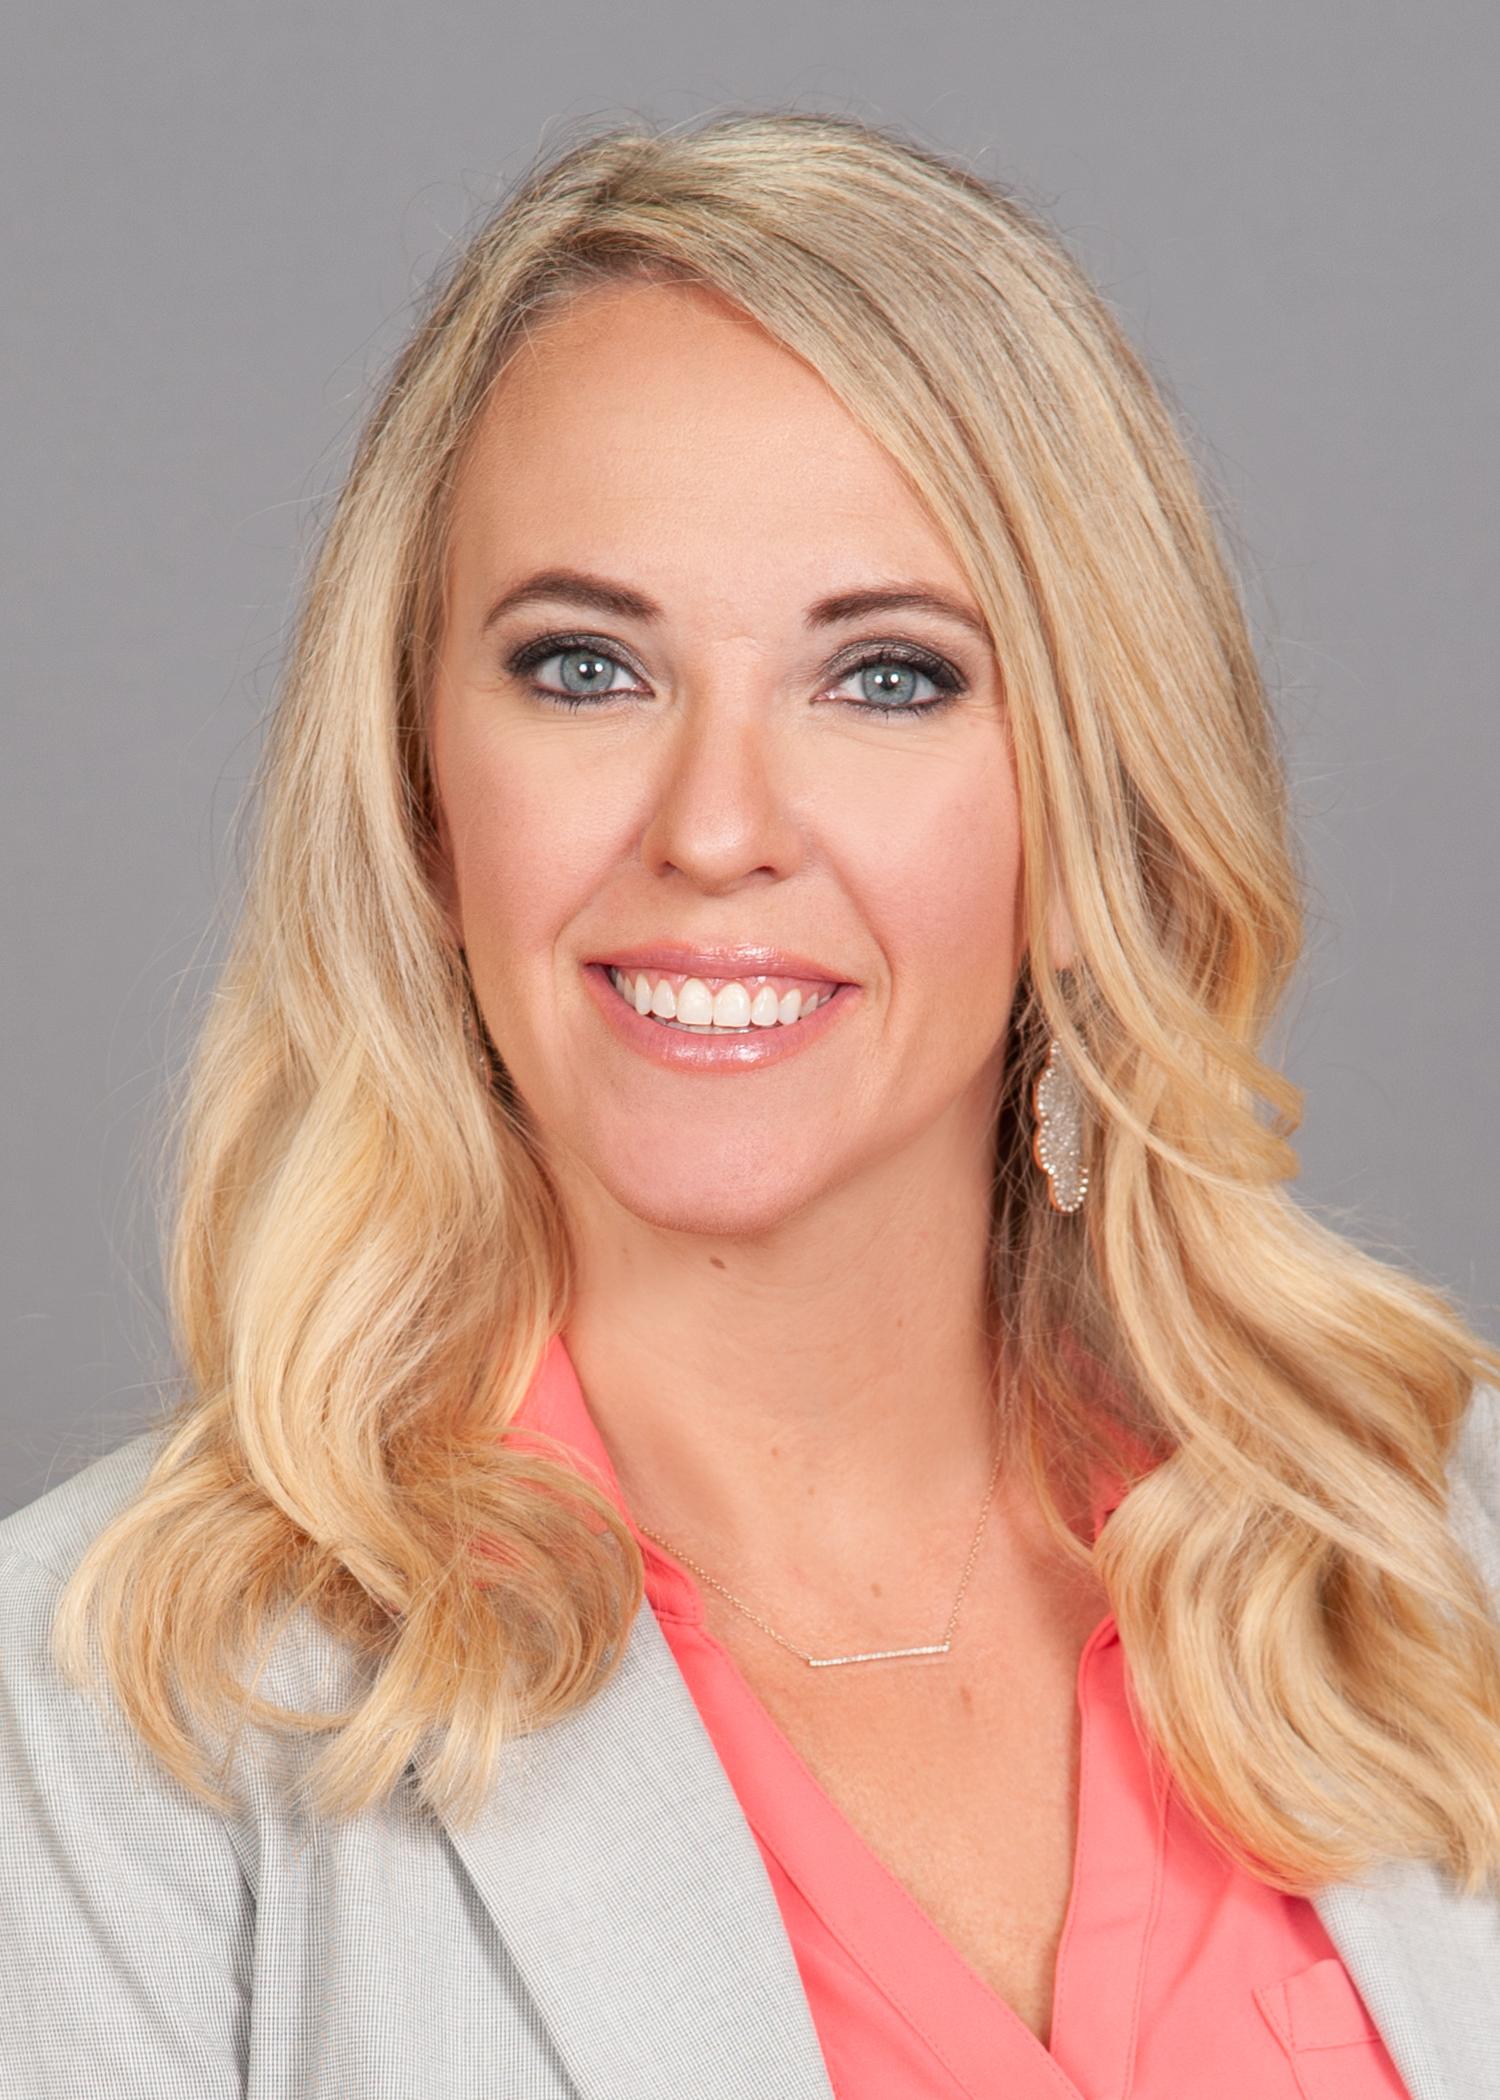 Michelle Dugan